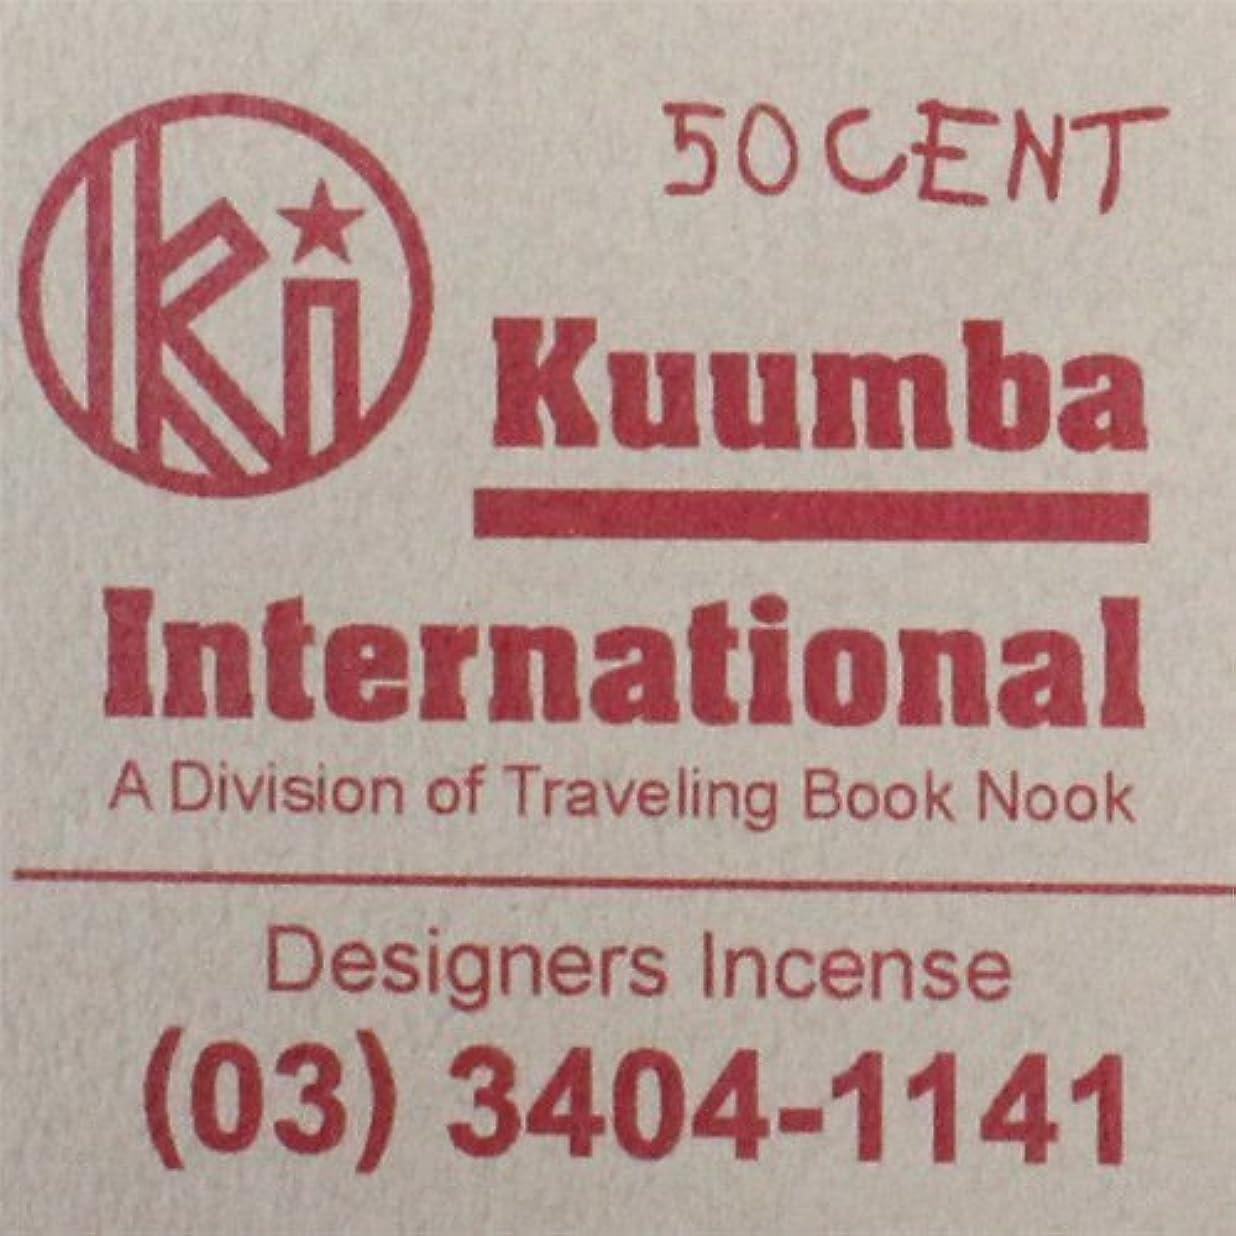 ラインナップデクリメント姪KUUMBA / クンバ『incense』(50CENT) (Regular size)